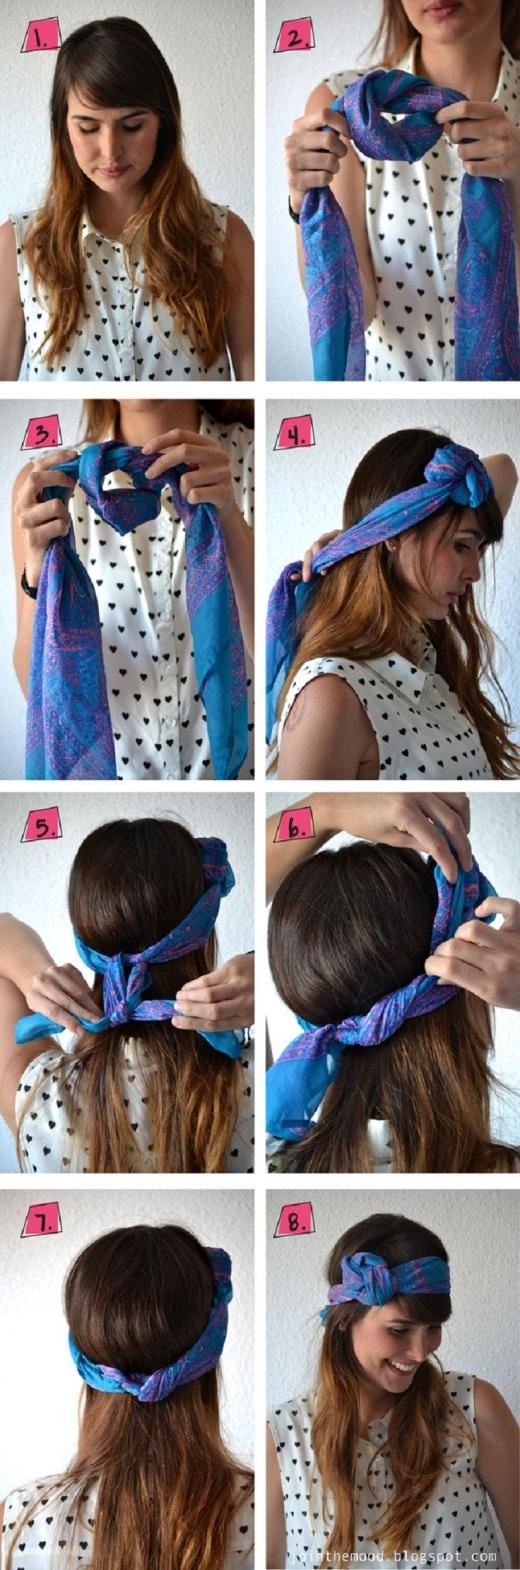 Chỉ với vài nút thắt đơn giản bạn đã có thể tạo thành một kiểu quấn khăn rất dễ thương.